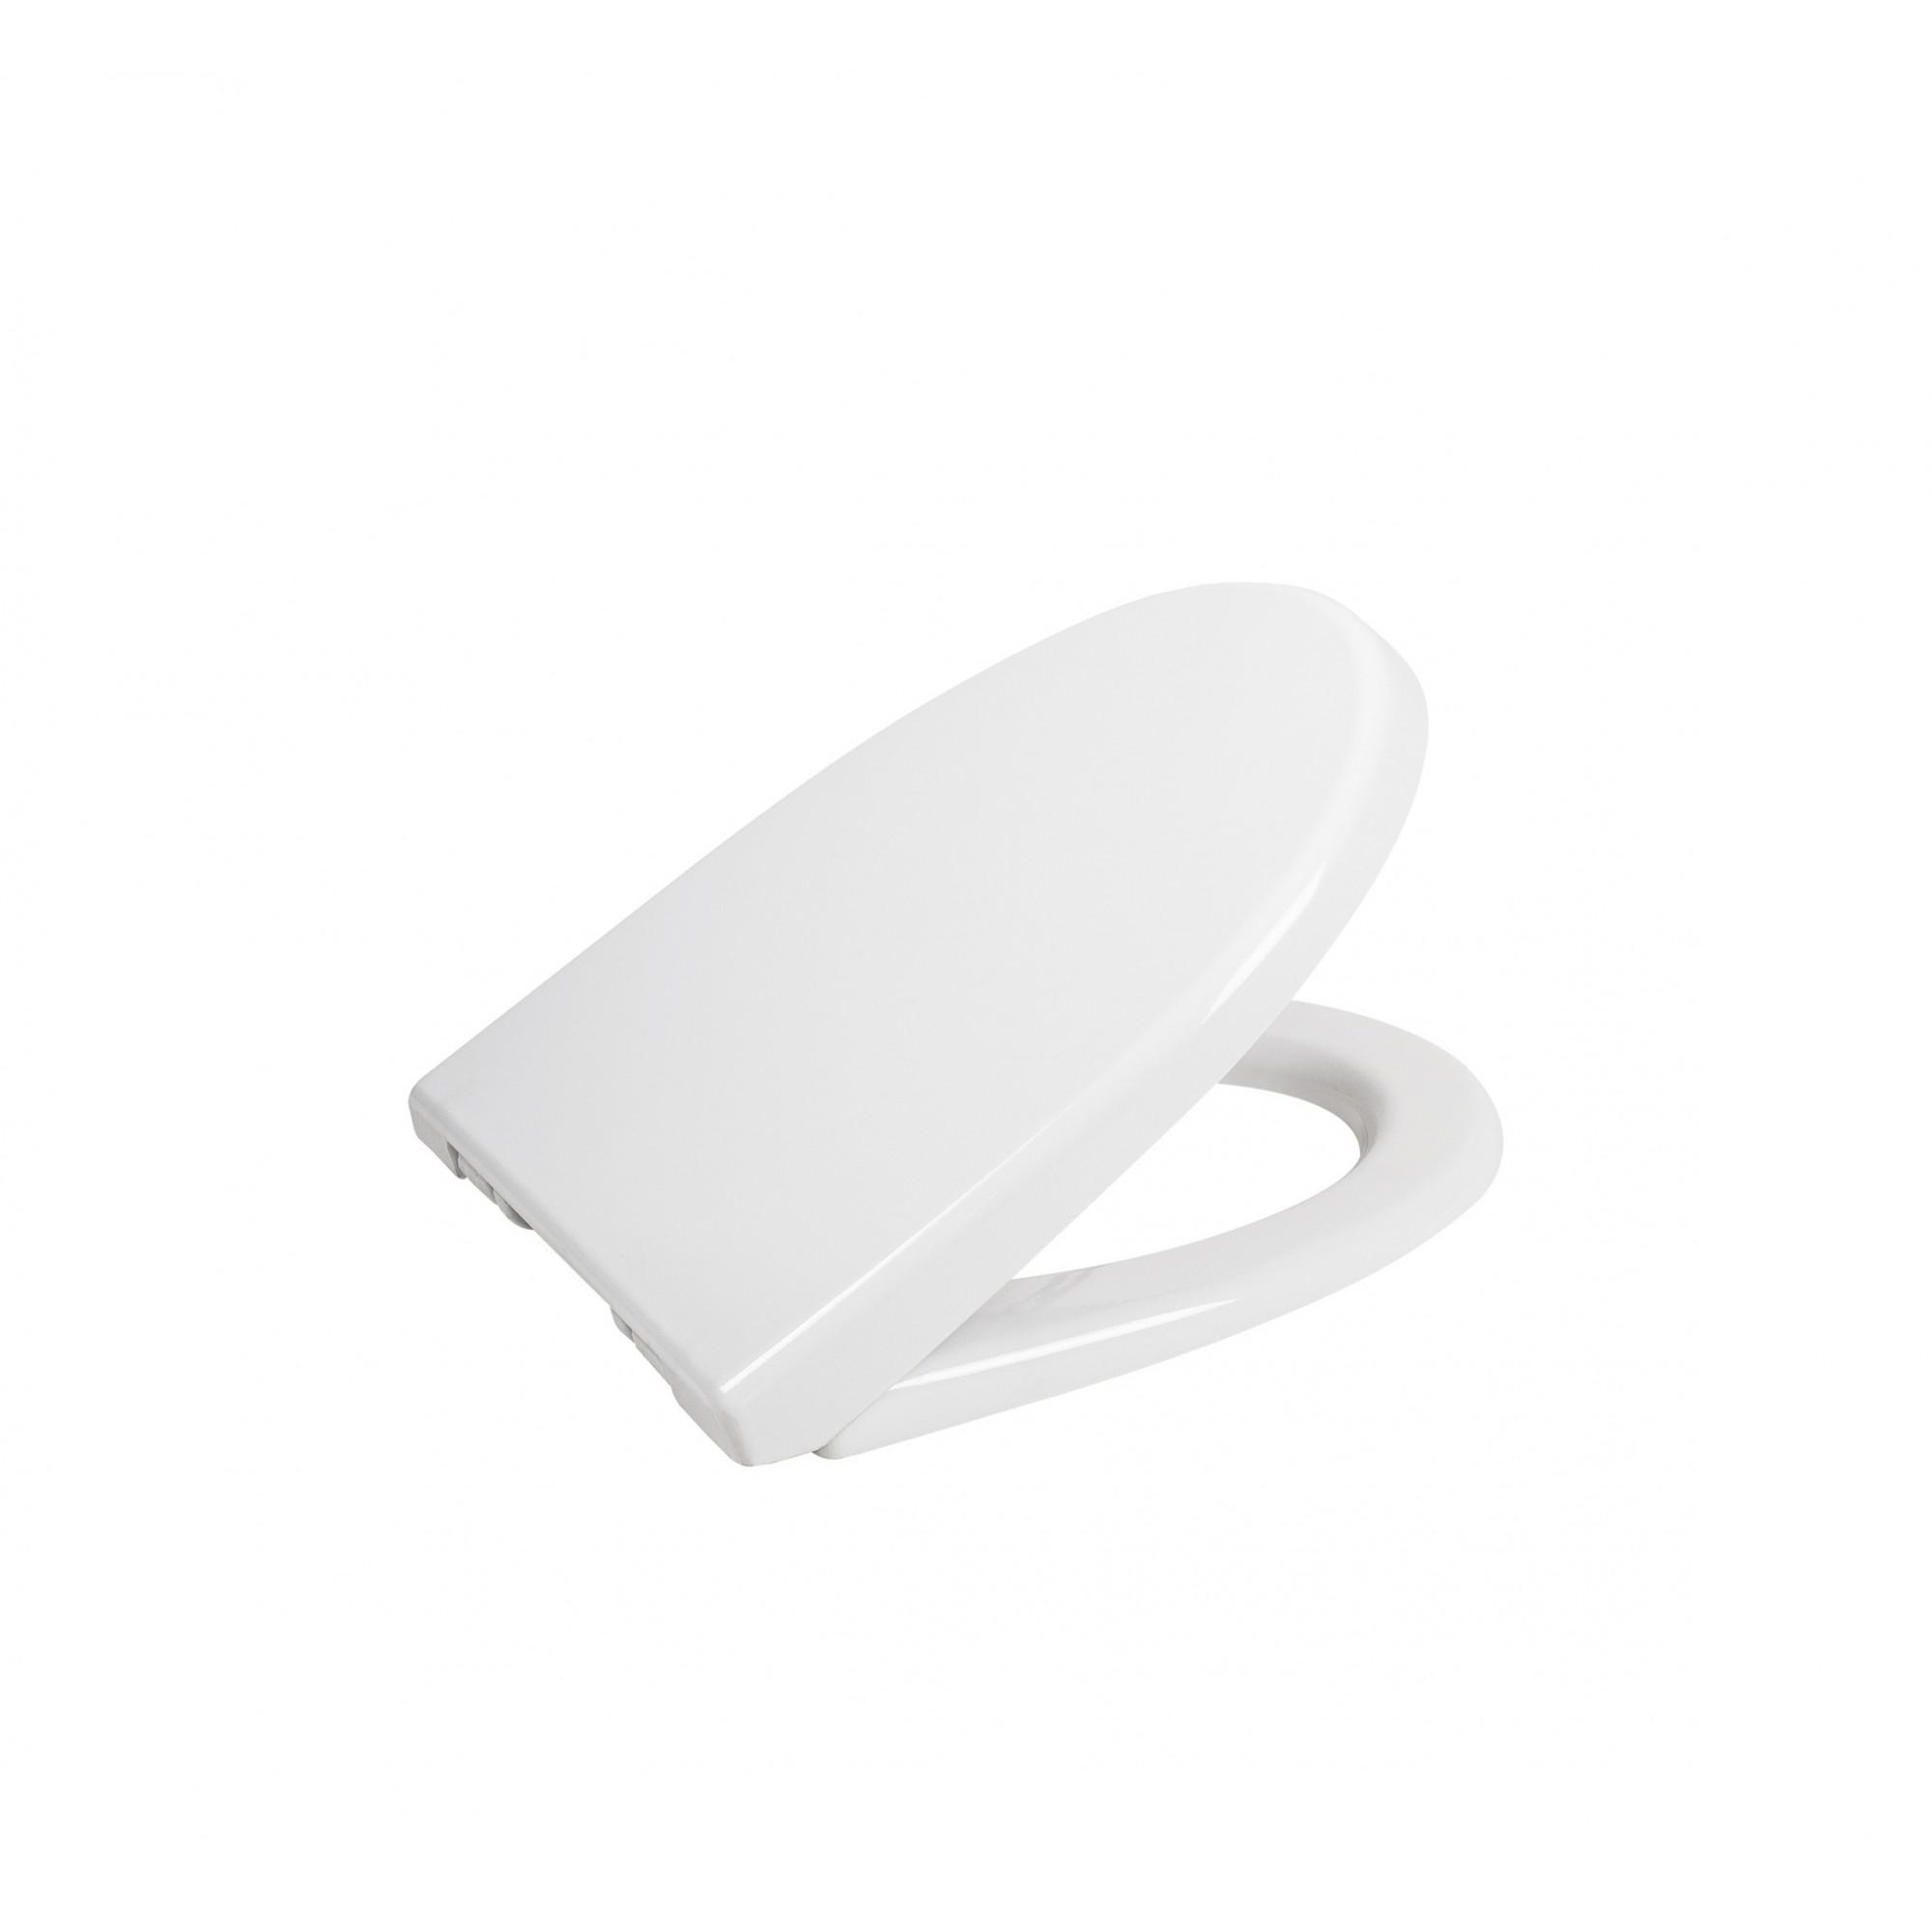 Крышка для унитаза SYDANIT белая ЛОТОС, дюропласт с микролифтом